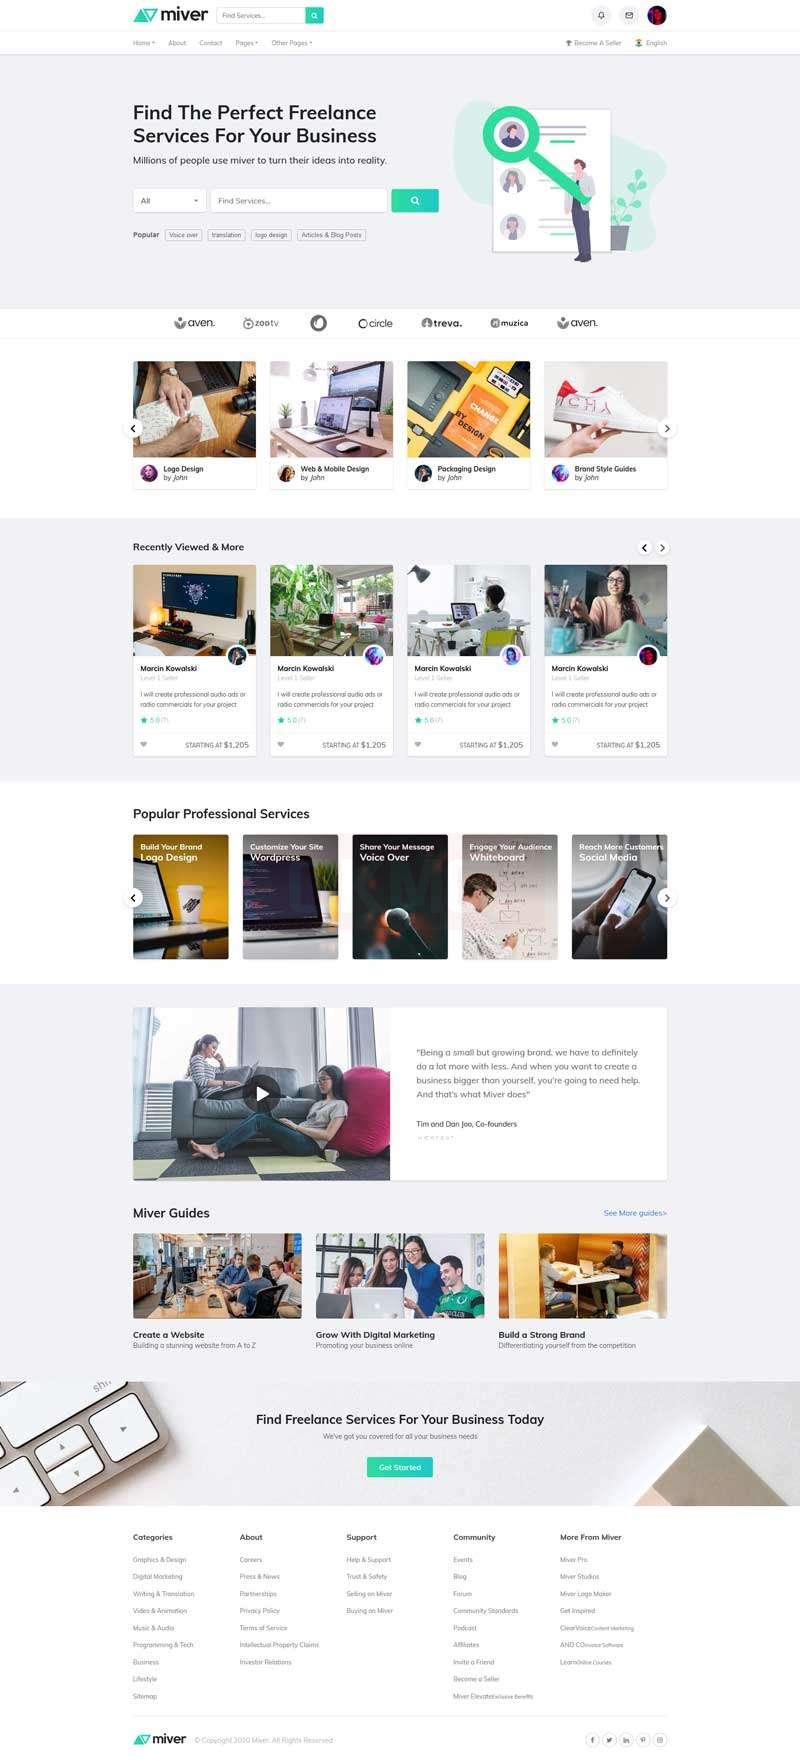 兼职服务招聘平台网站HTML模板